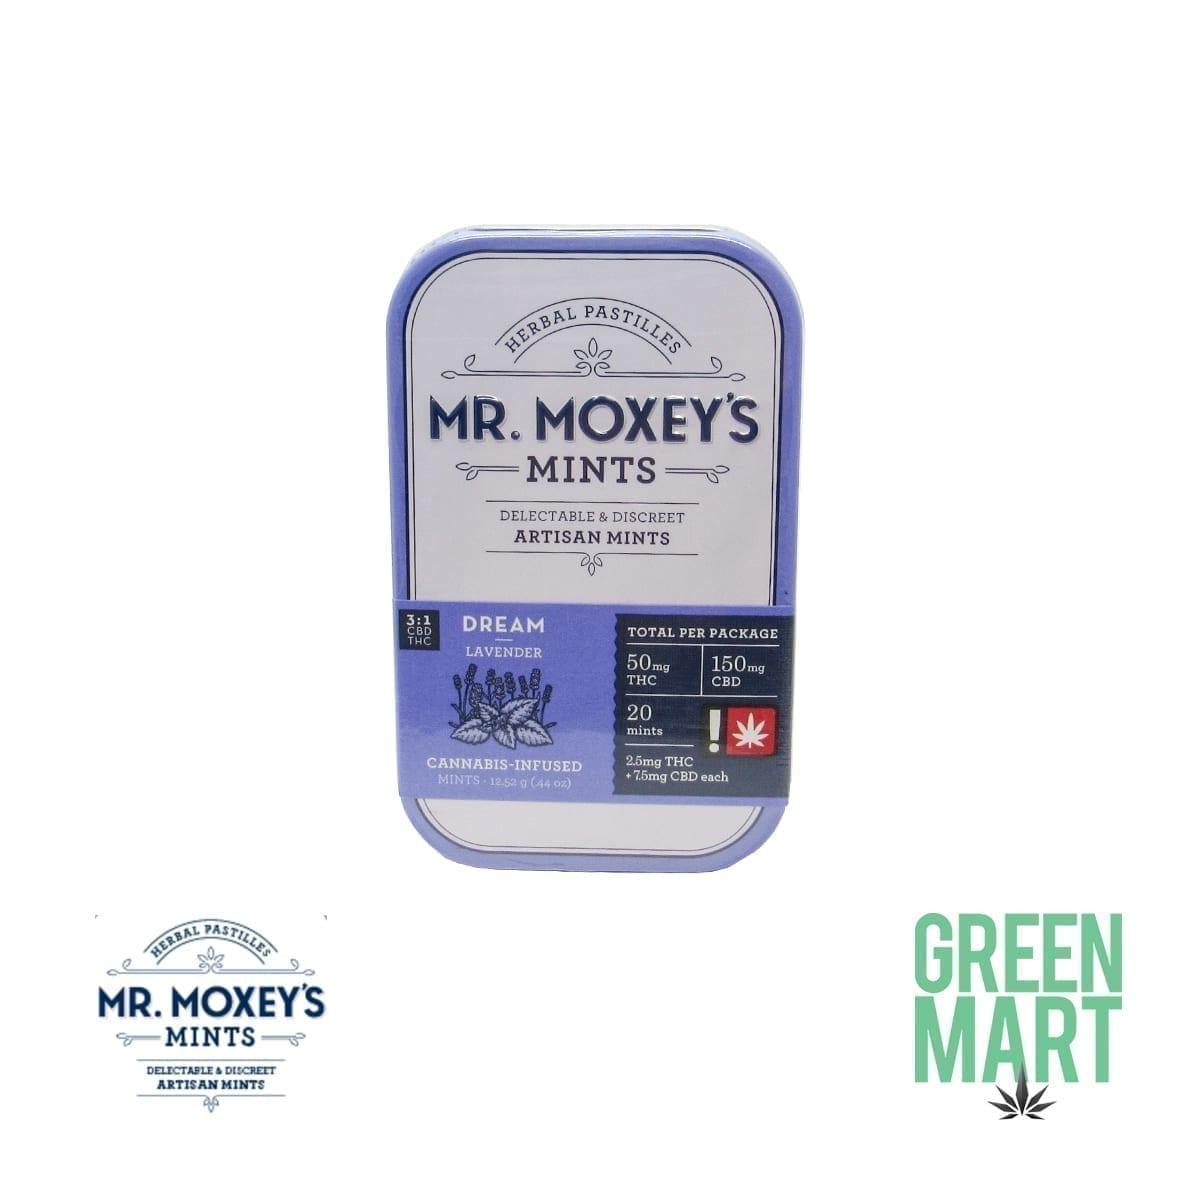 Mr. Moxey's Mints - 3:1 Dream Lavender Mints